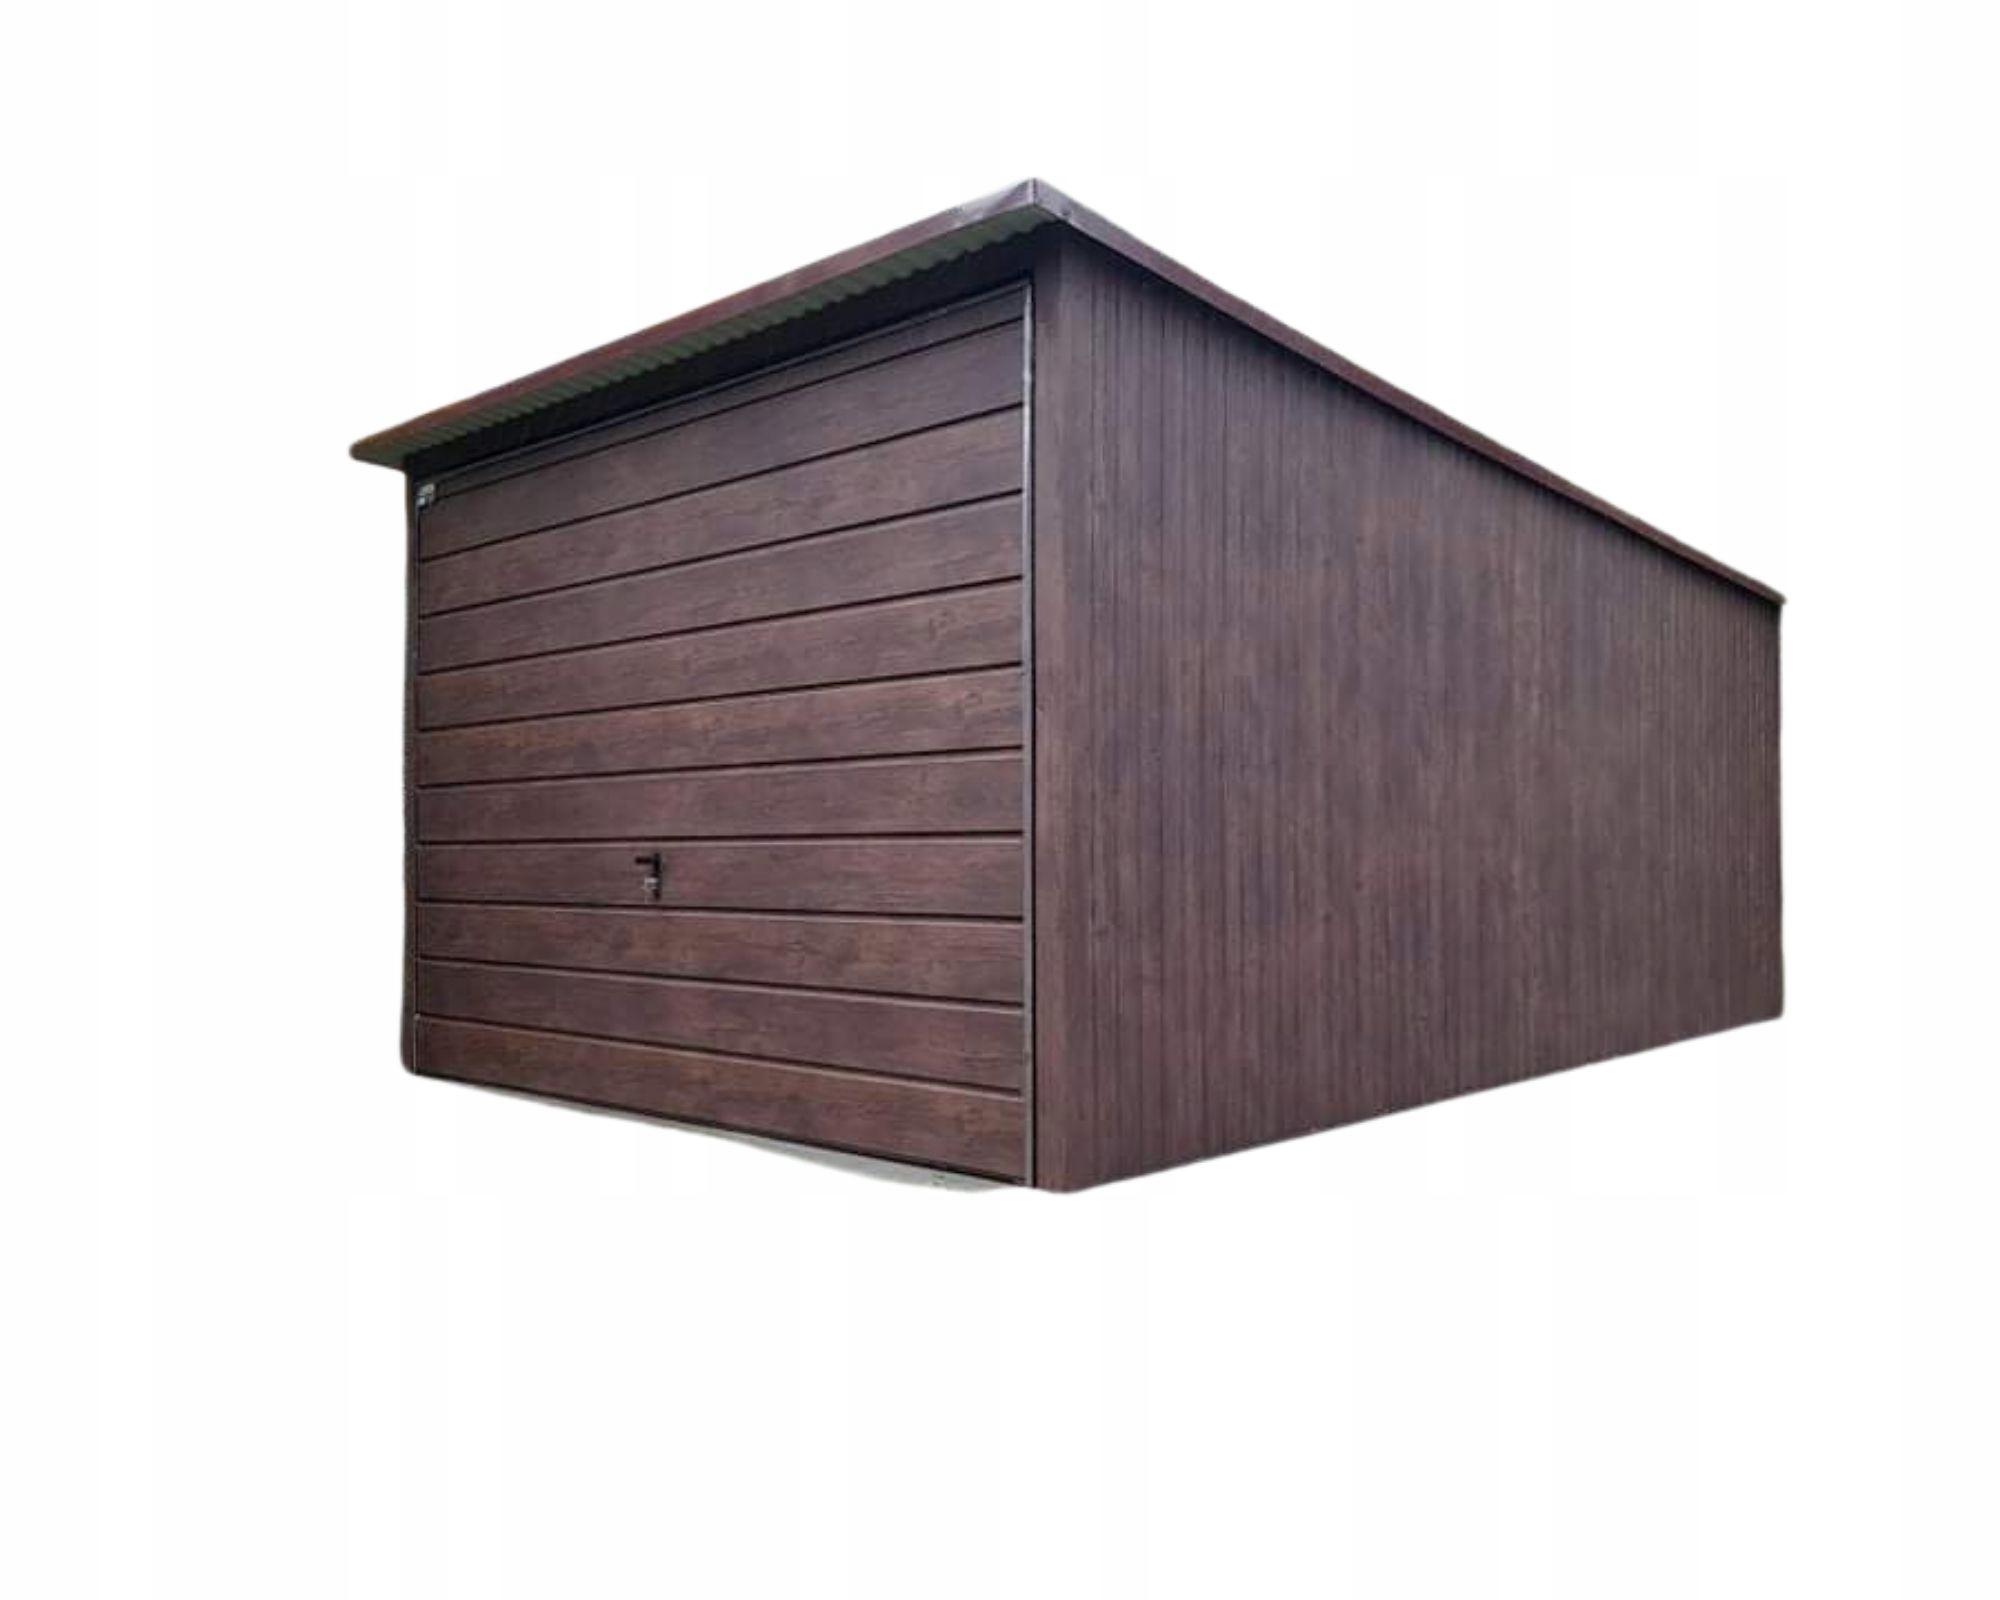 жестяные гаражи 3х5 под дерево орех